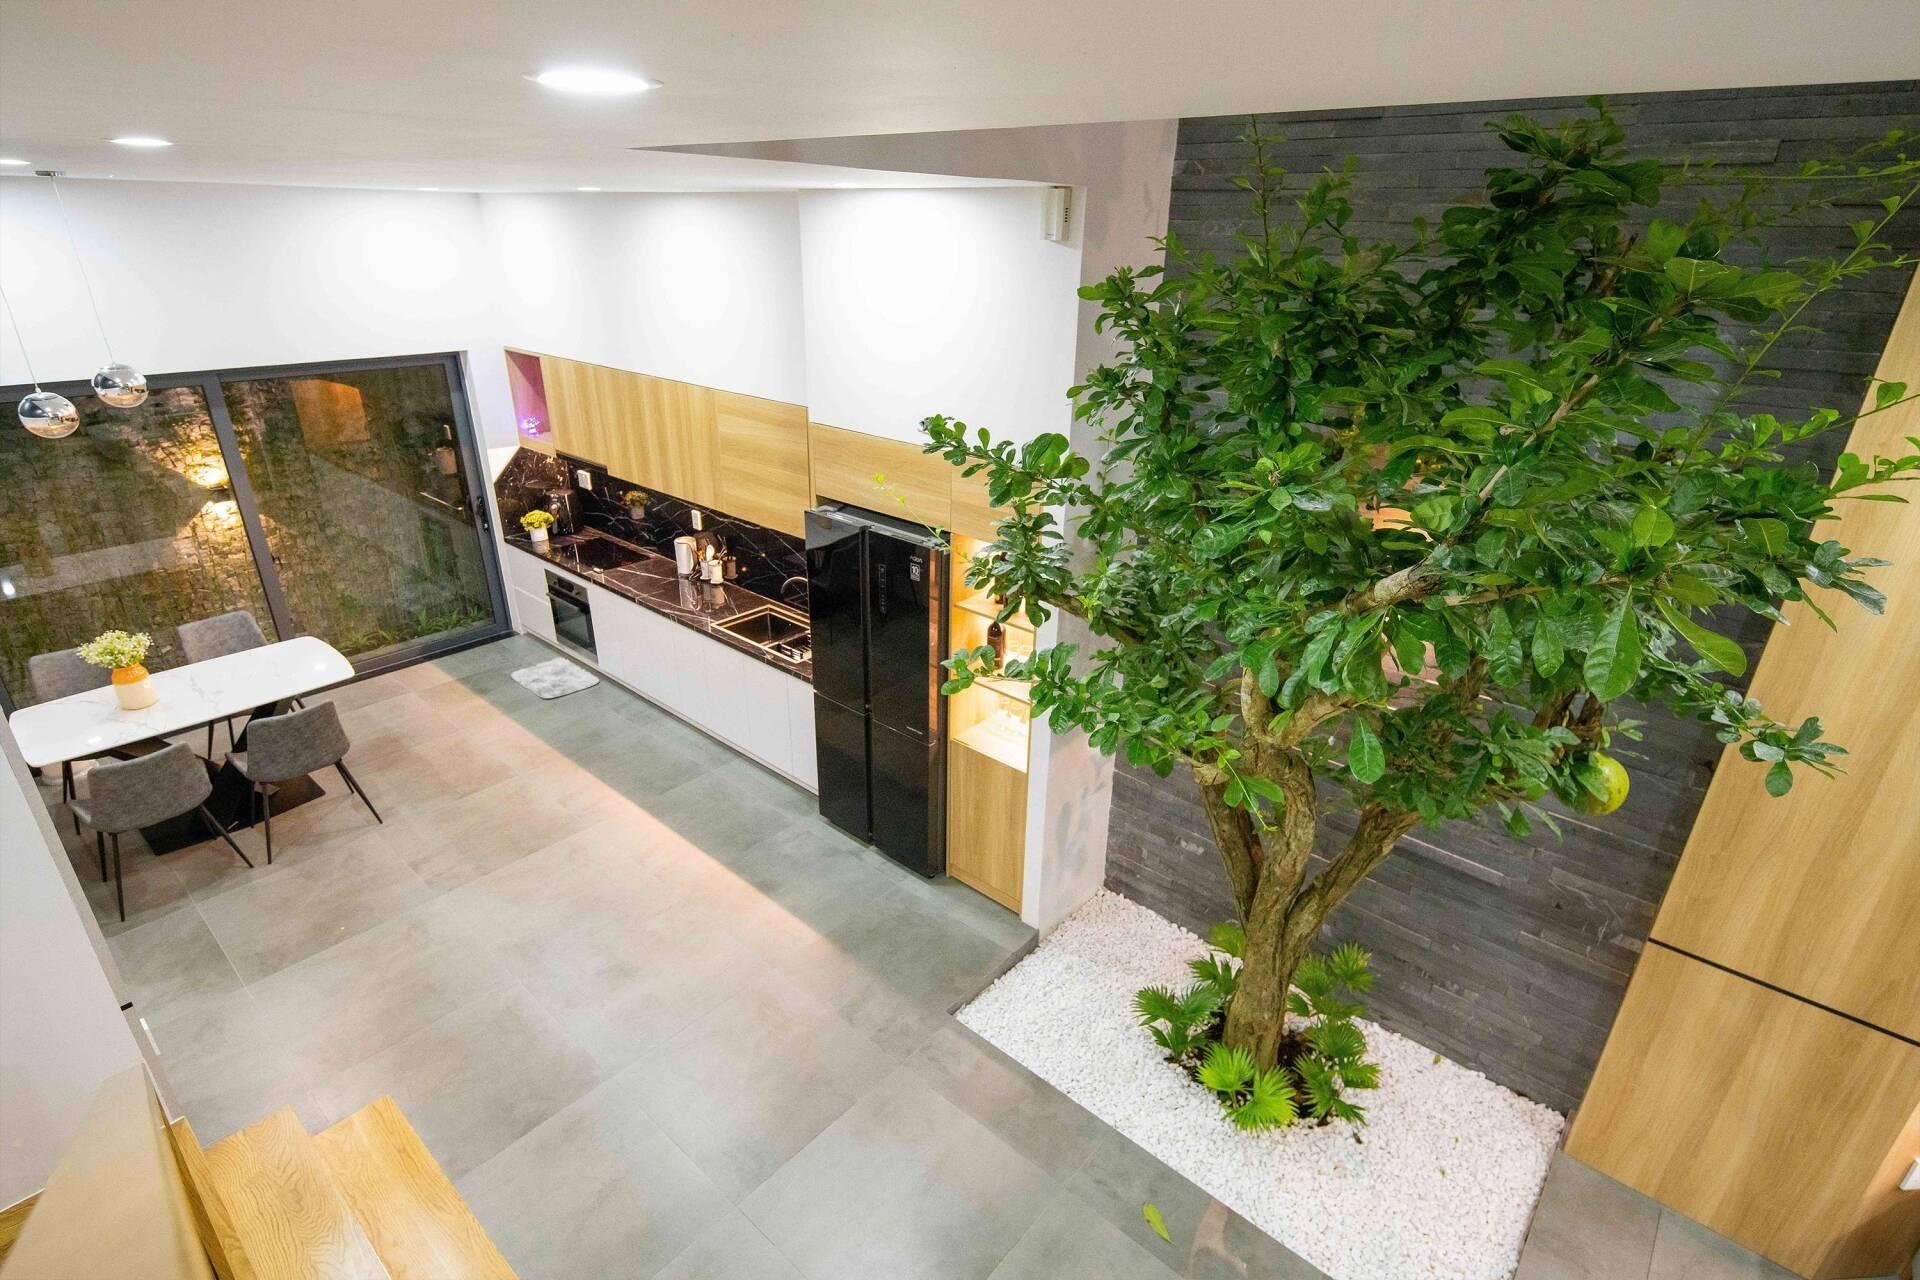 Phòng bếp - ăn được kết nối trực tiếp với không gian phòng khách bên ngoài